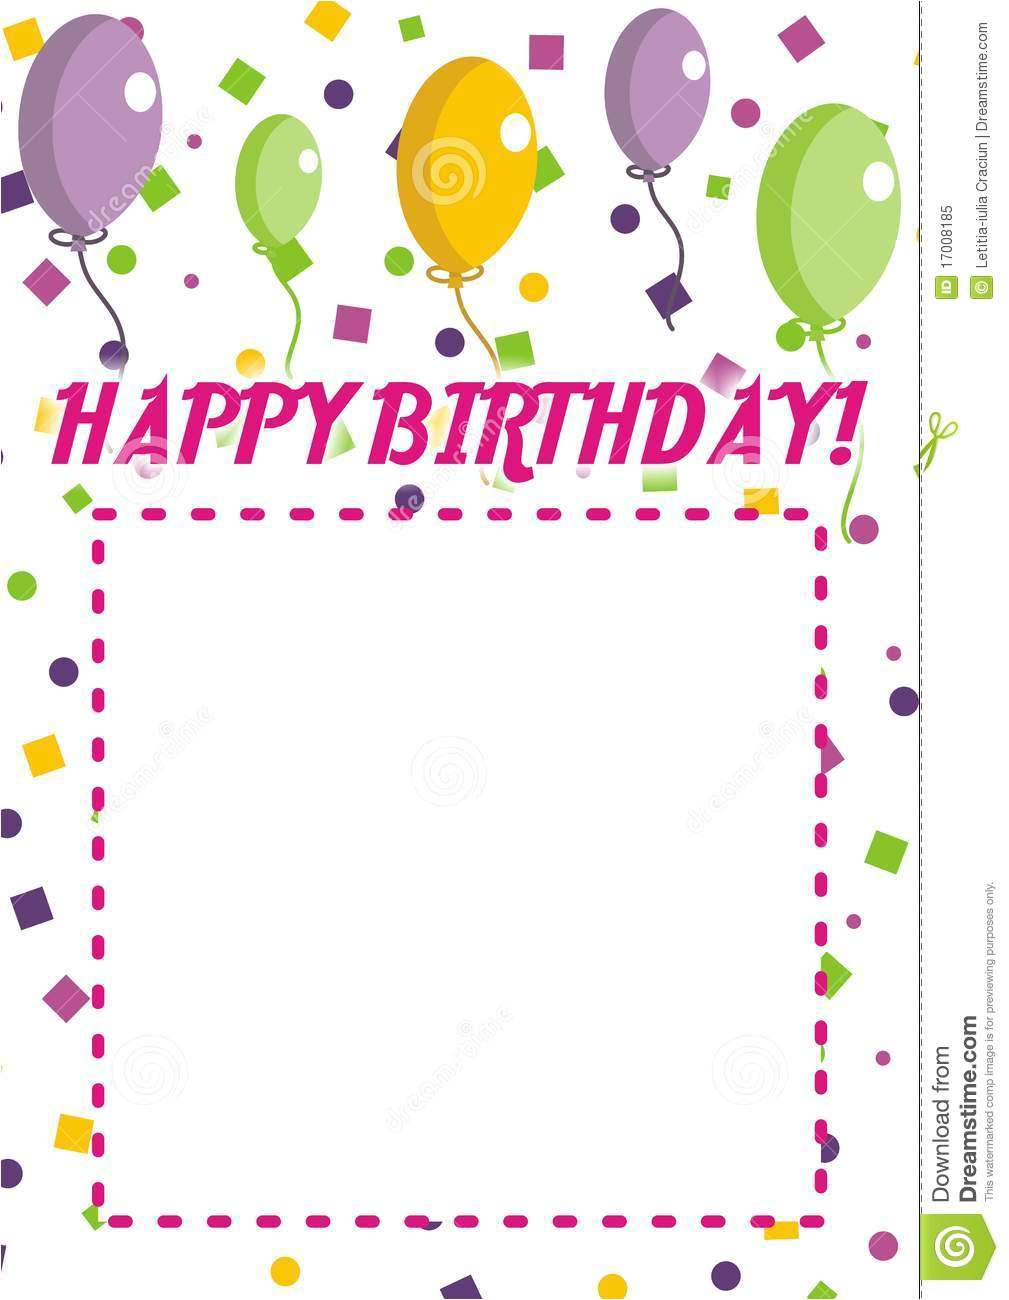 royalty free stock photo happy birthday invitation image17008185